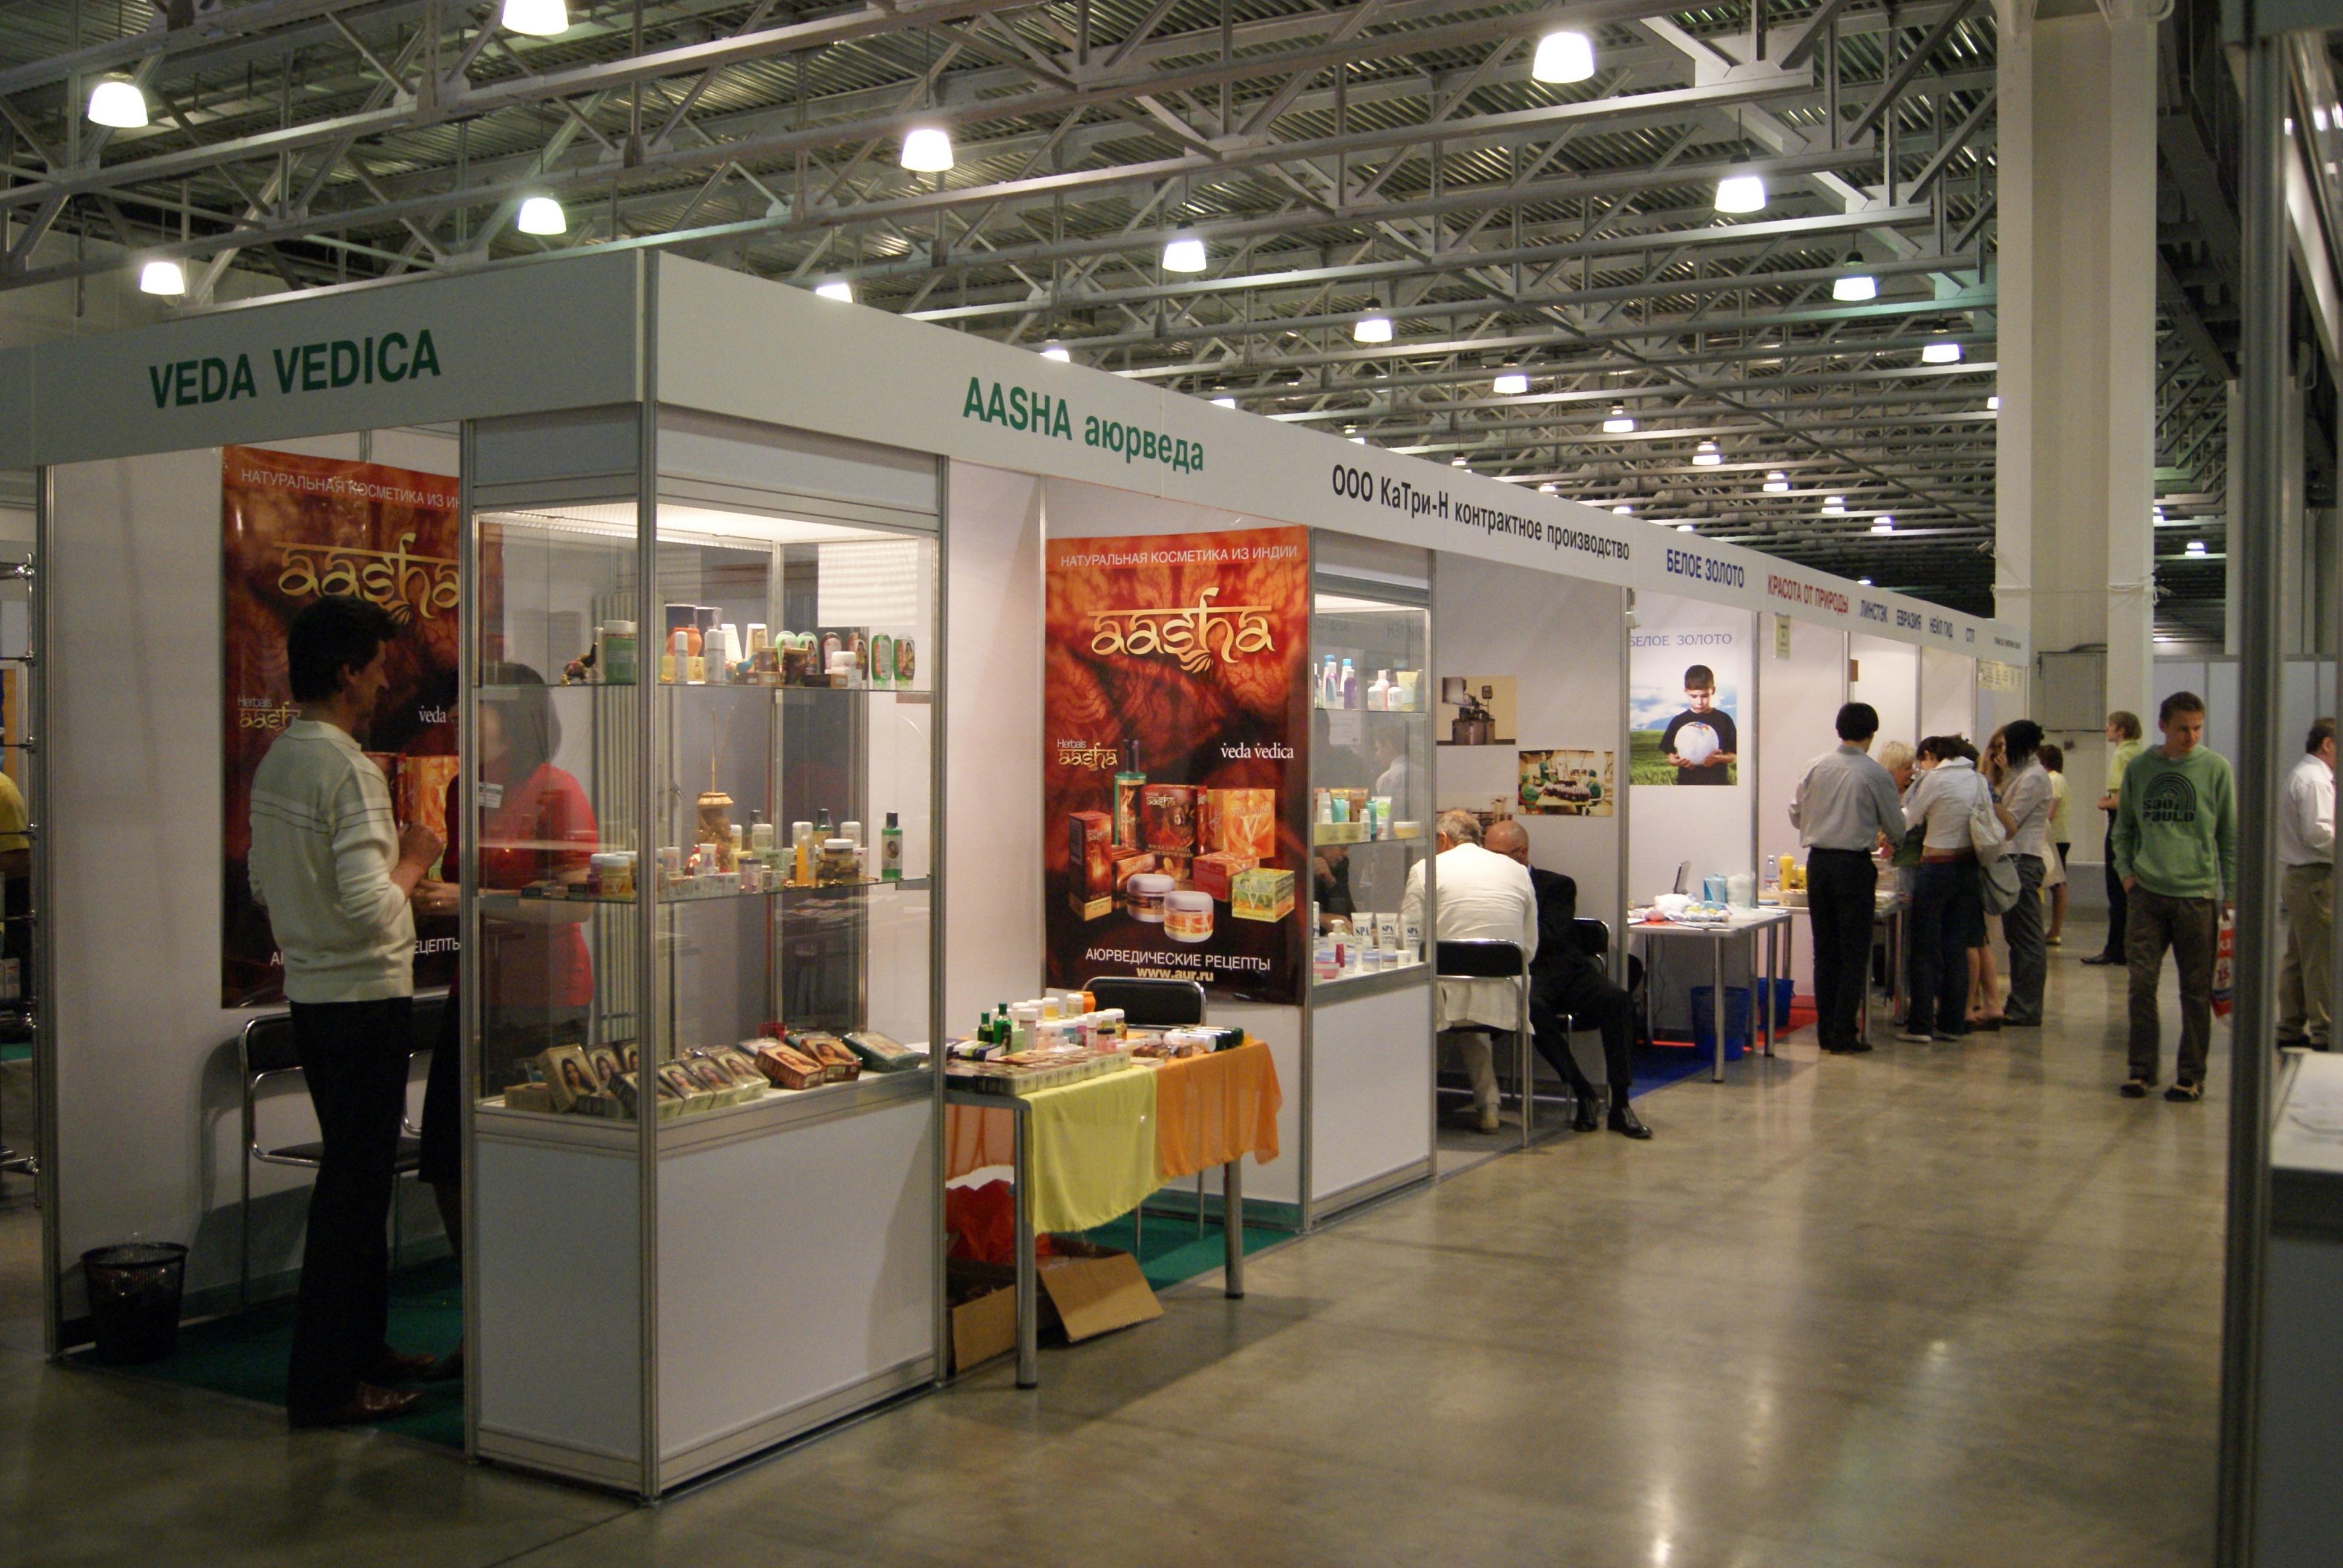 D Coform Exhibition : File crocus exhibition center g wikimedia commons